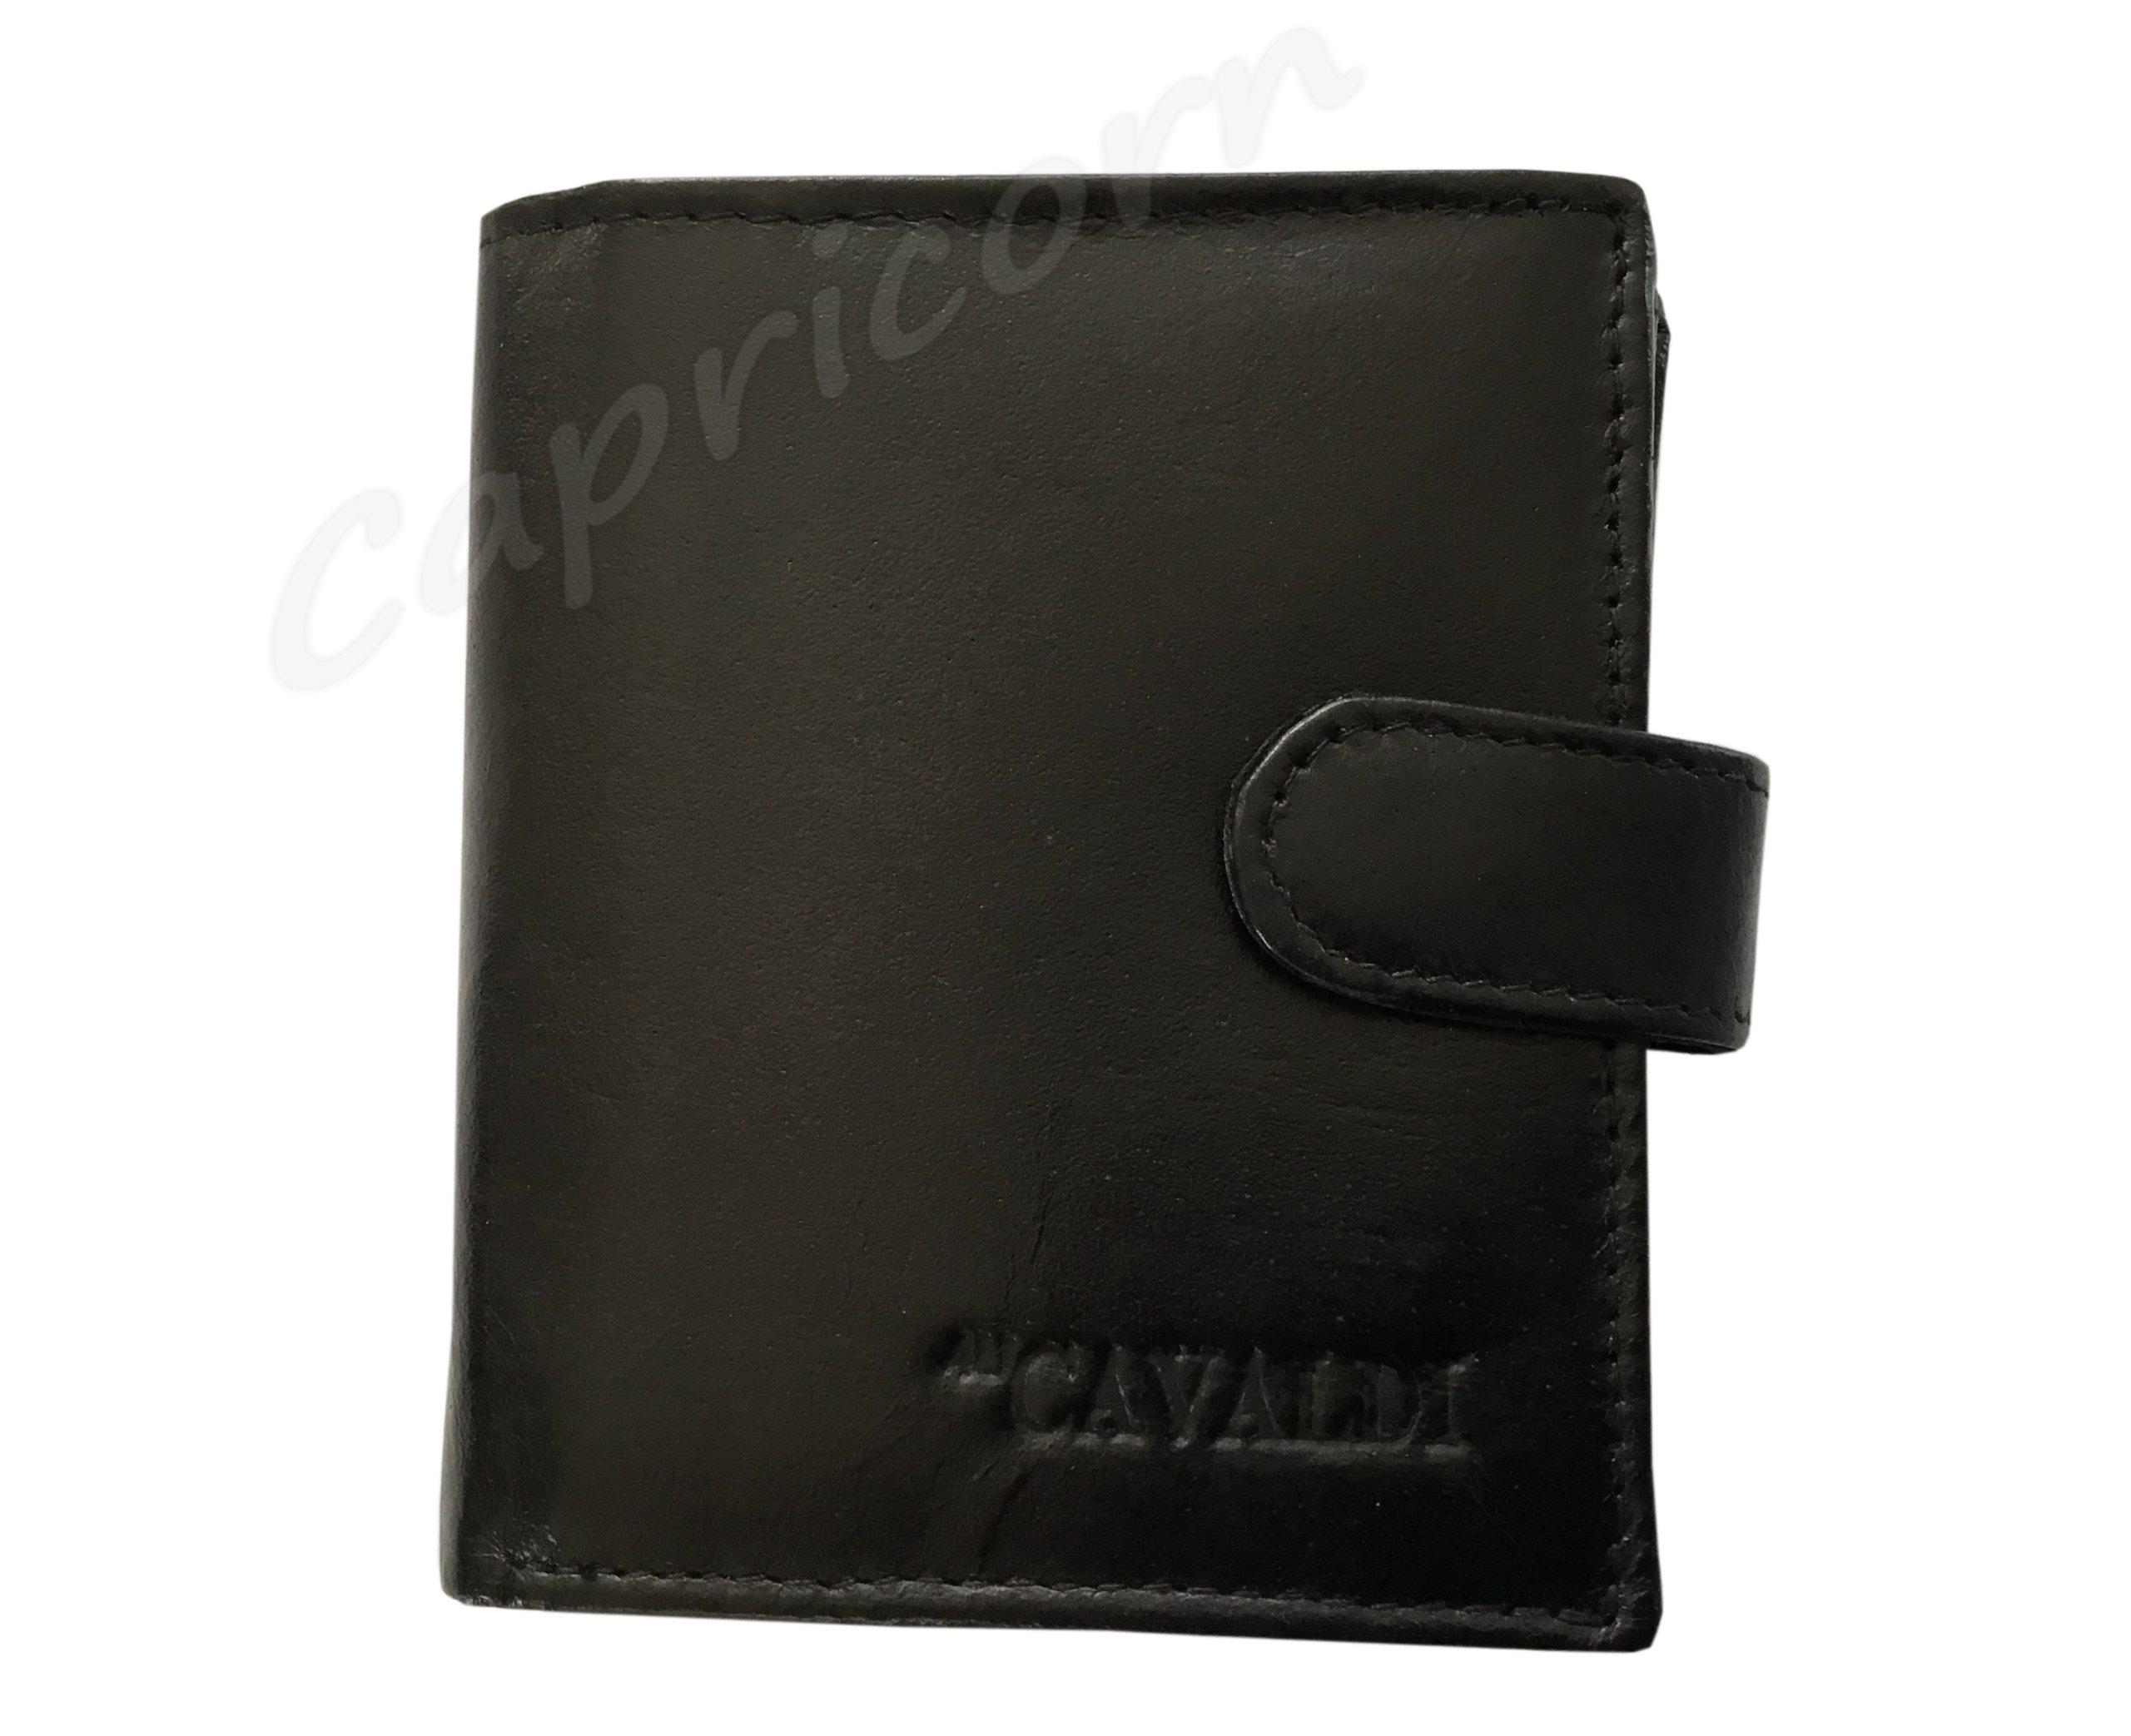 6ad086851b672 mały portfel damski w Oficjalnym Archiwum Allegro - Strona 50 - archiwum  ofert